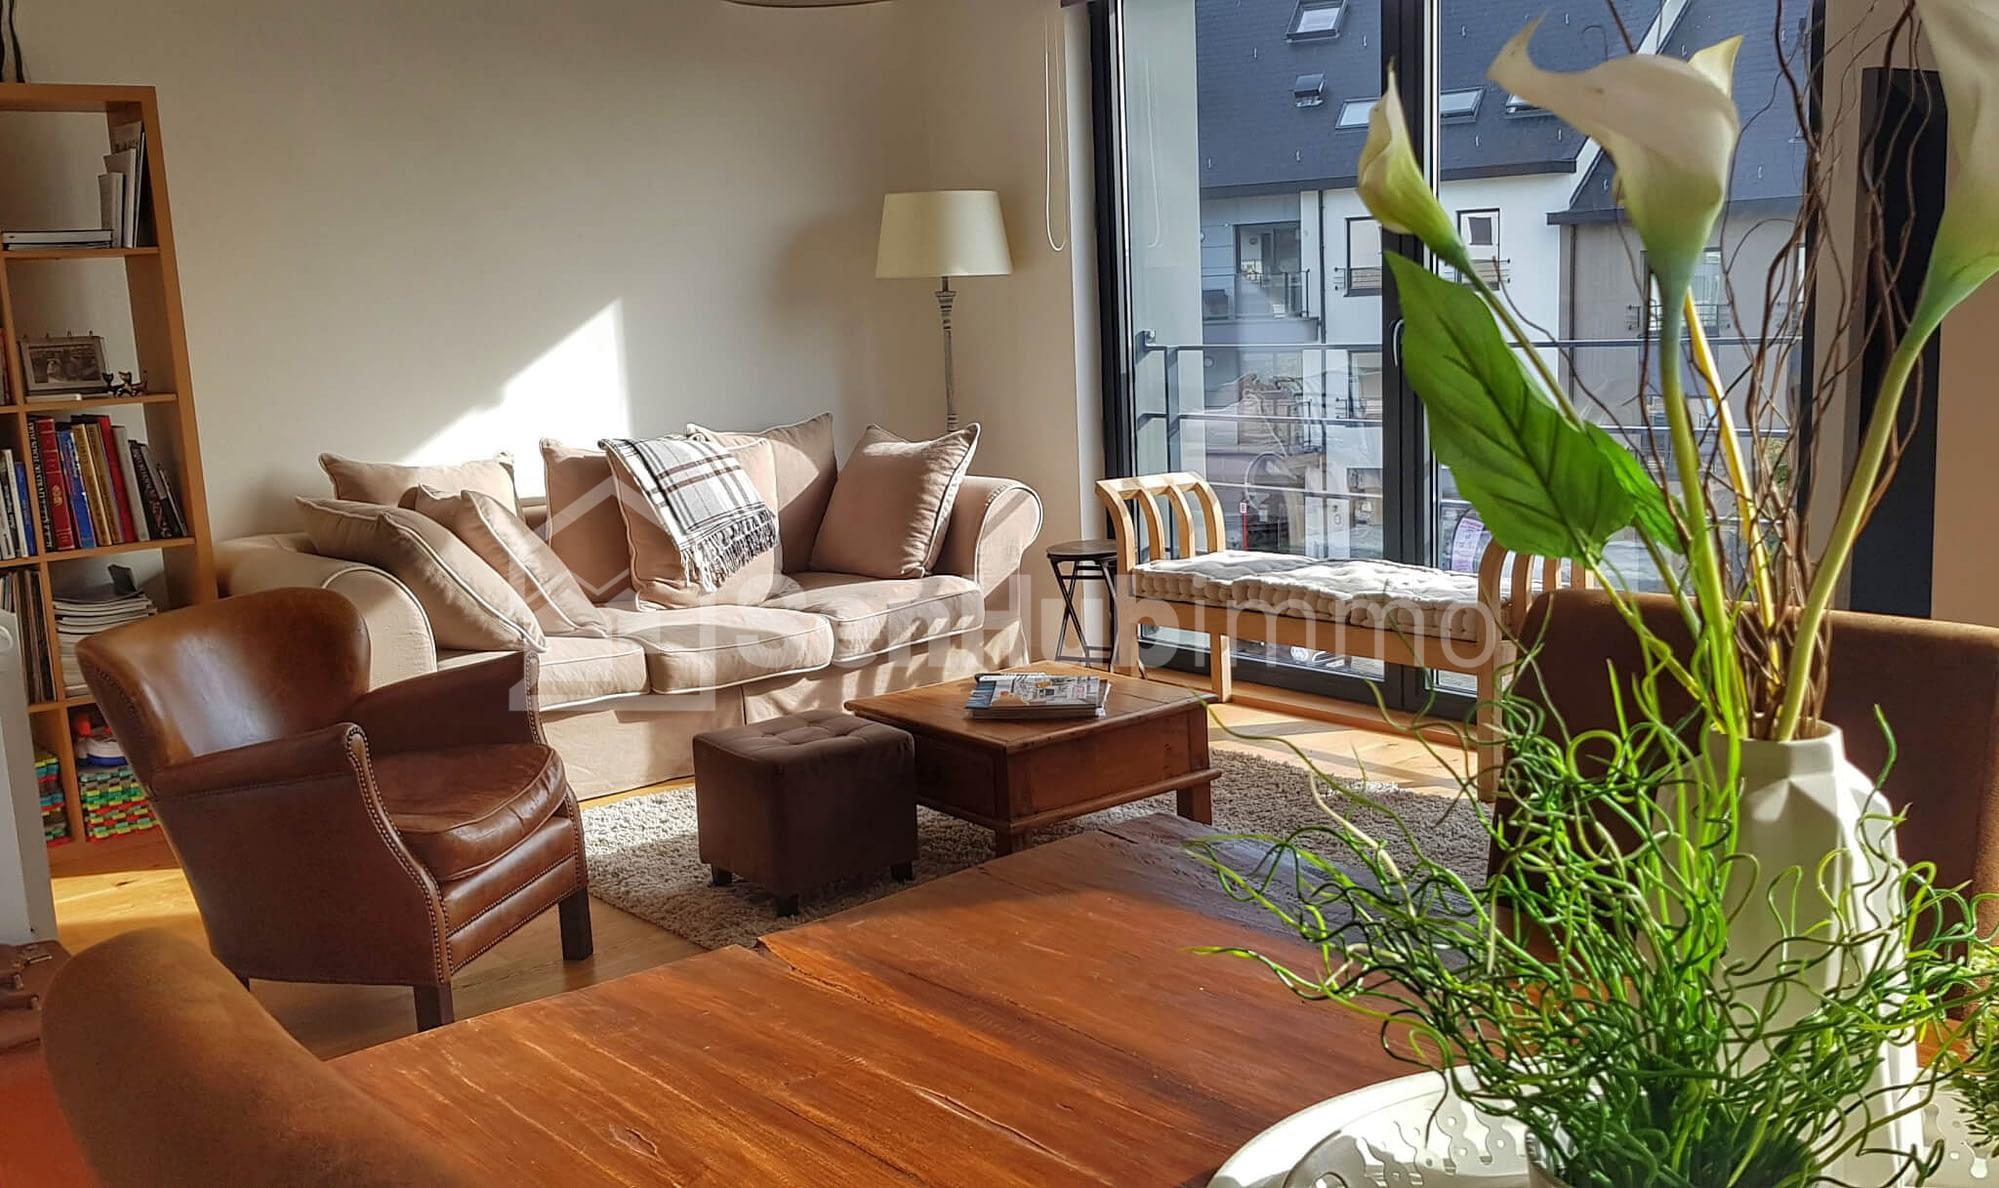 Appartement meublé à louer aux almadies 45 000 F Cfa Publiée il y a 46 jours - SenhubImmo.com